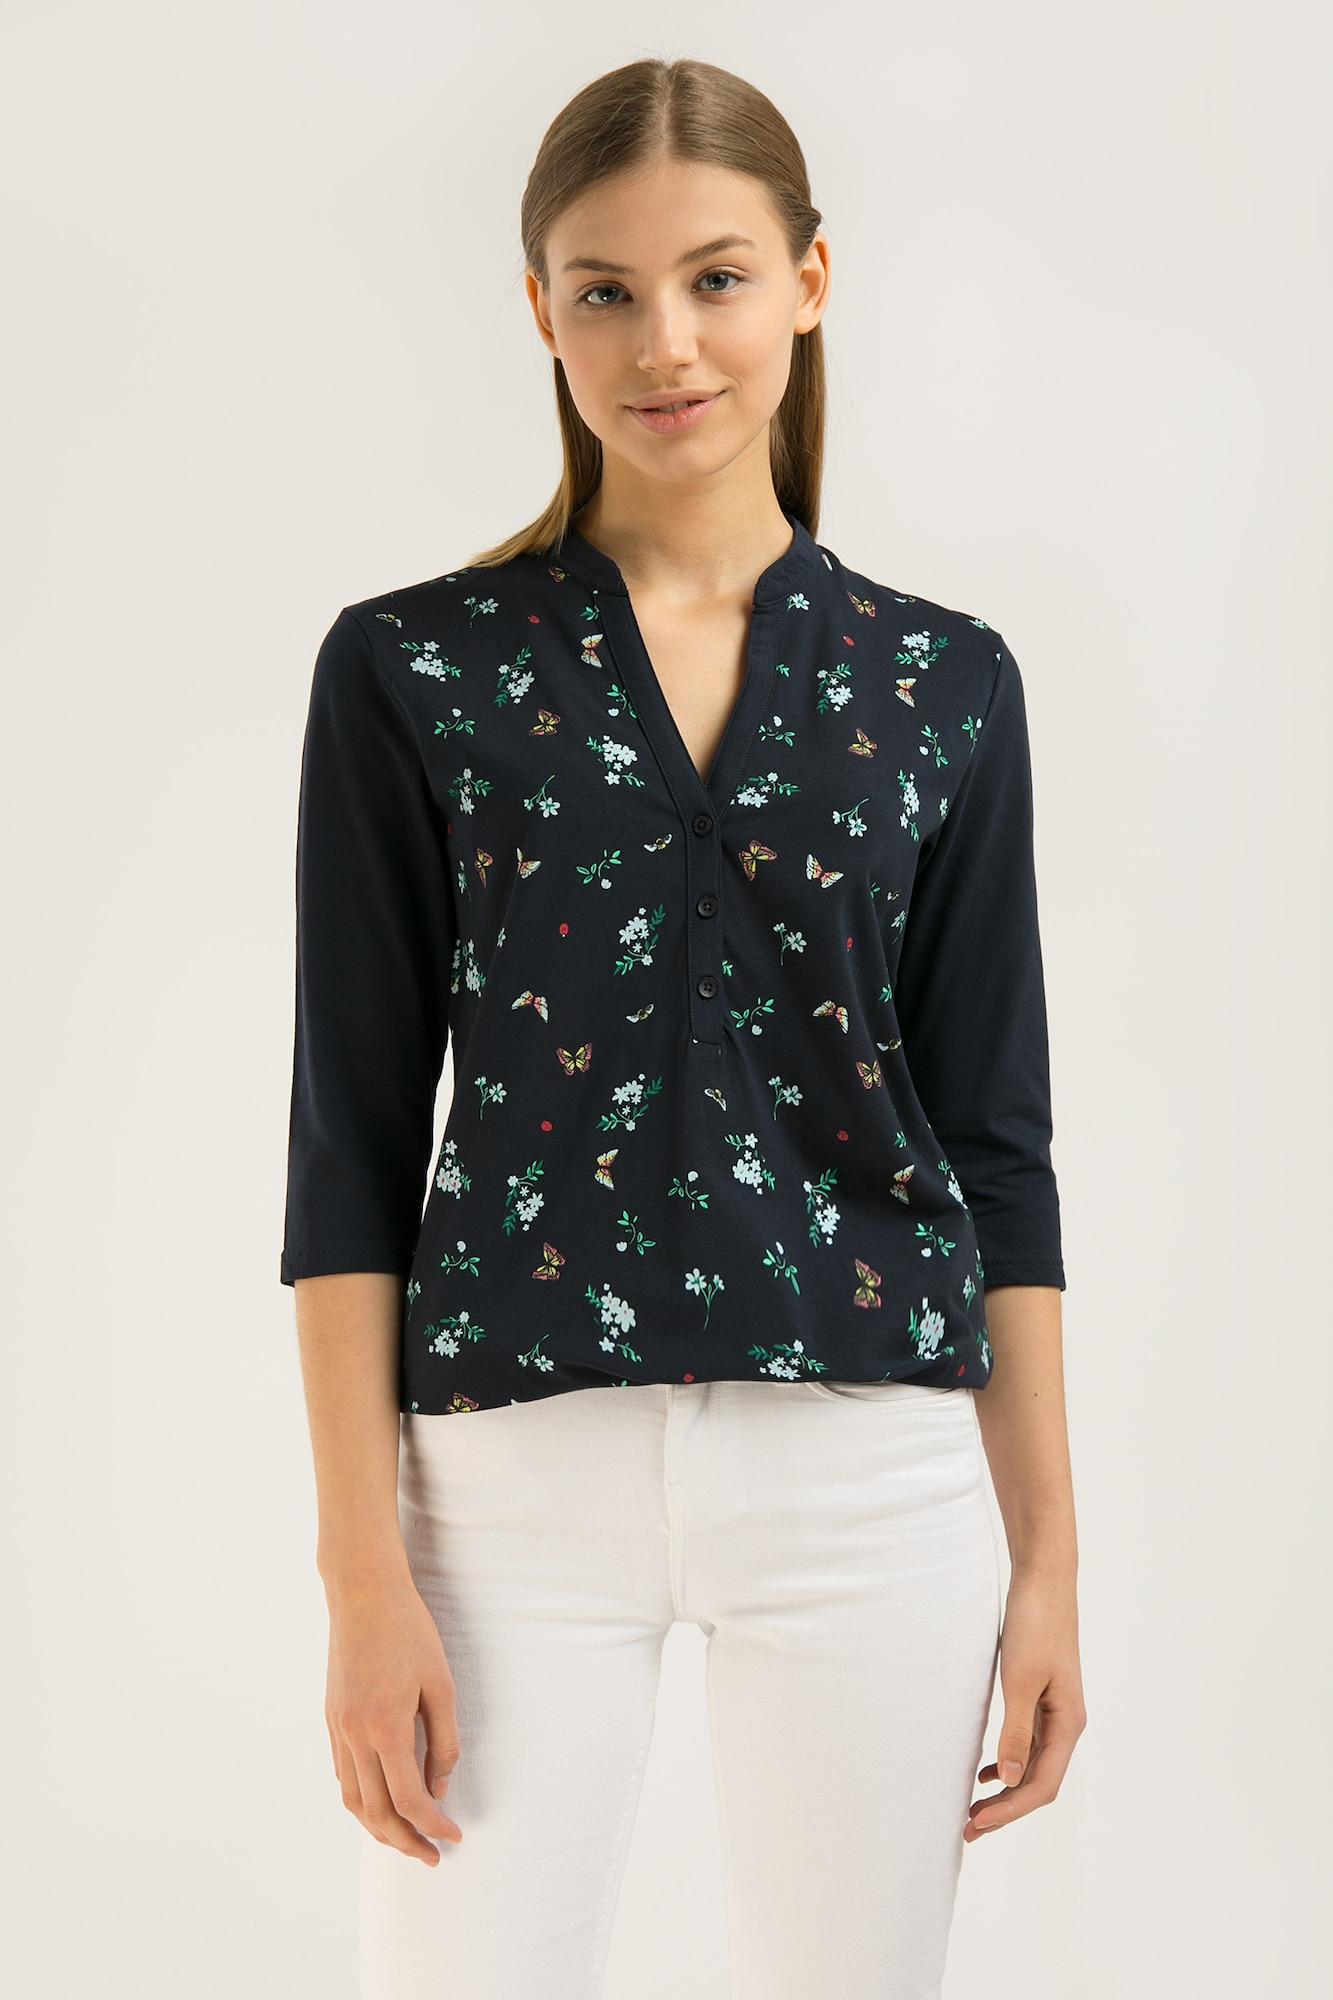 finn flare - Stylische Bluse mit zartem Blumenmuster